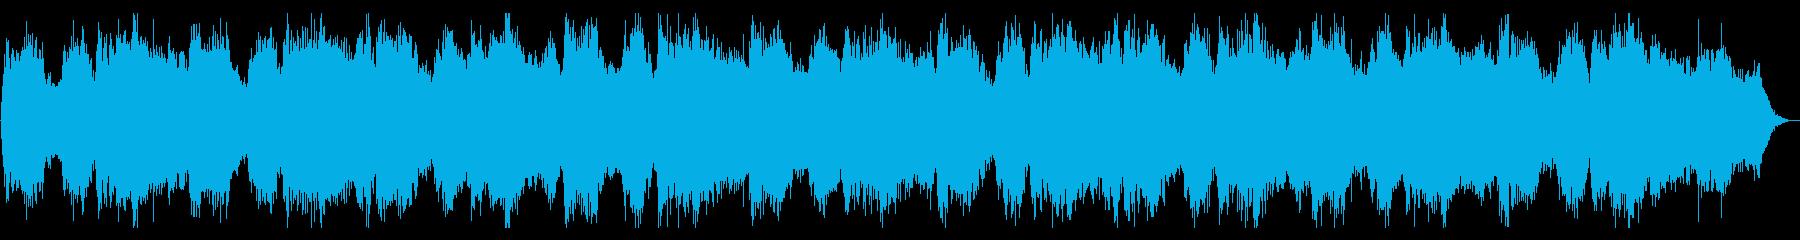 Suspicious Oba's ❤ soprano ❤ gentle treble's reproduced waveform